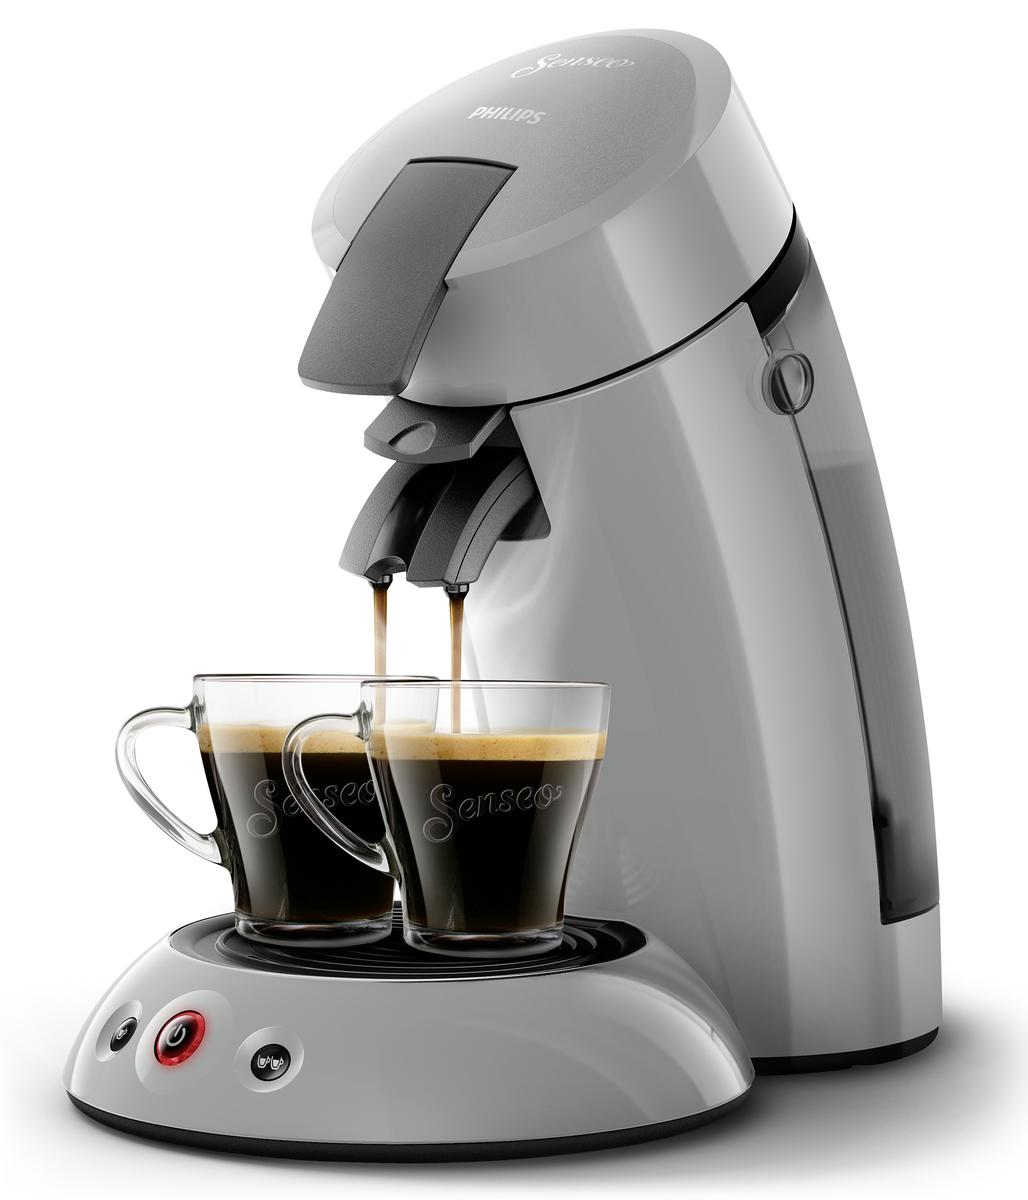 Bild 1 von Philips Senseo Kaffeepadmaschine HD 6553/XX Original, Farbe Hellgrau